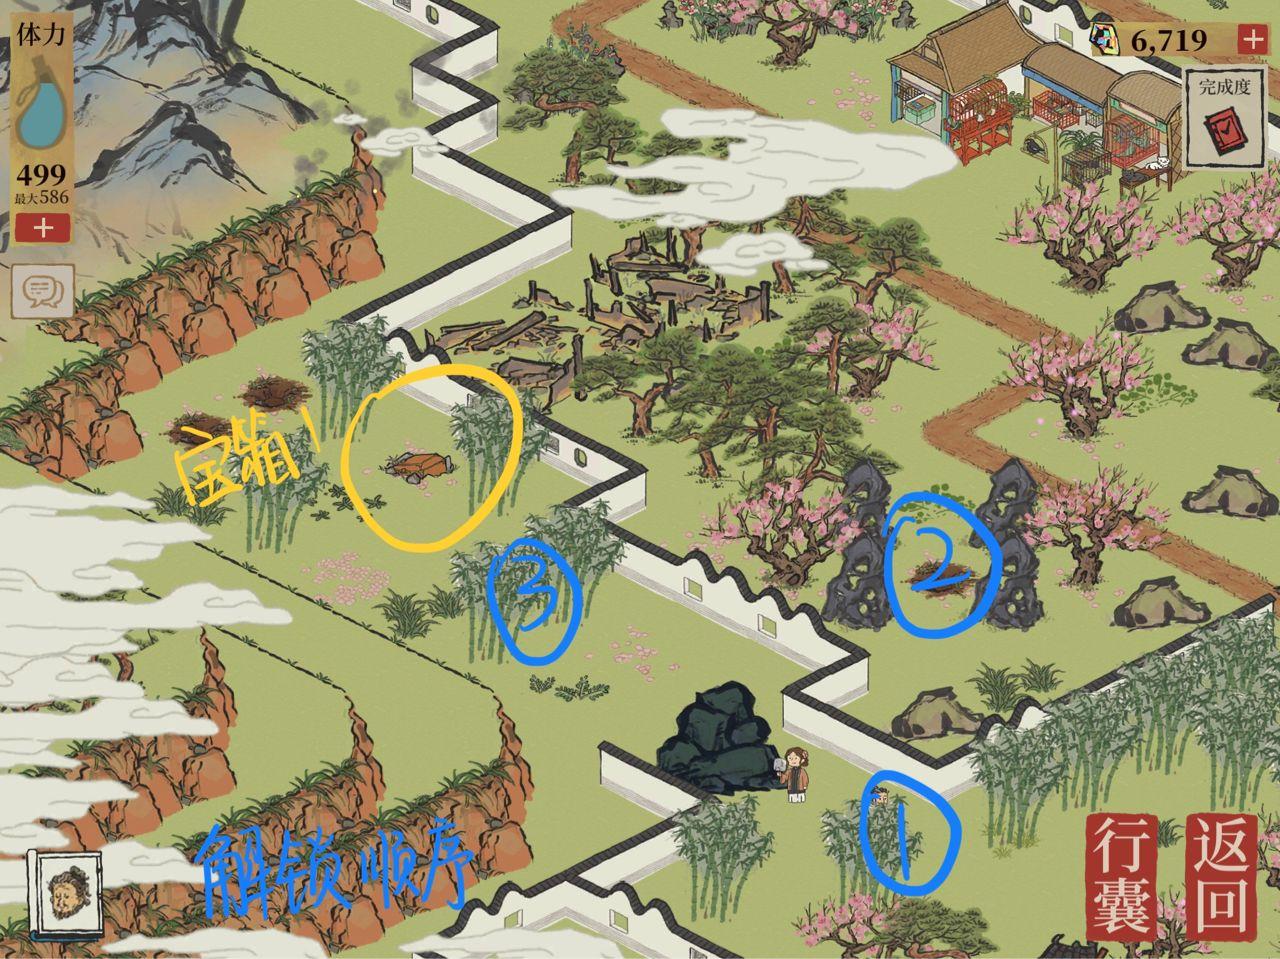 江南百景图桃花坞宝箱位置大全 桃花坞宝箱在哪里